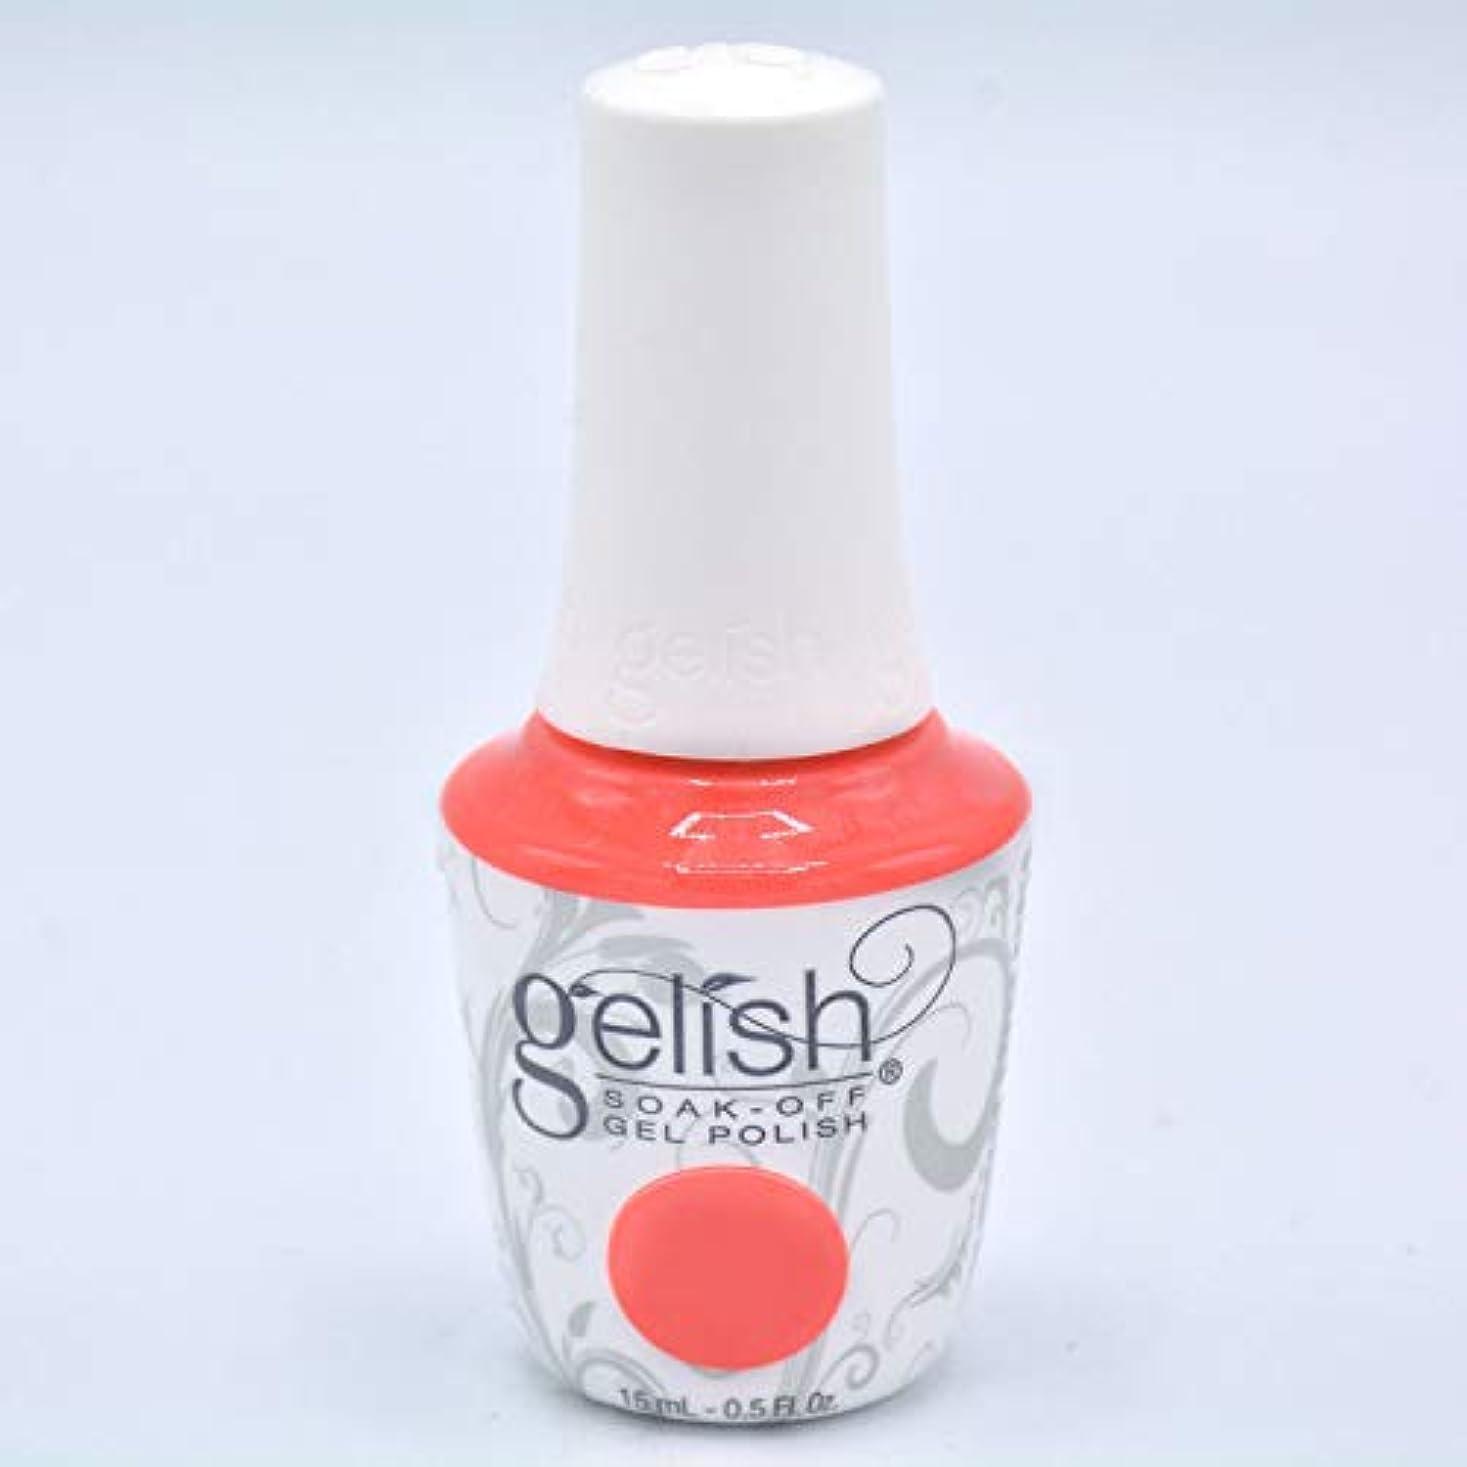 補償南アメリカ花嫁Harmony Gelish Gel Polish - Brights Have More Fun - 0.5oz/15ml